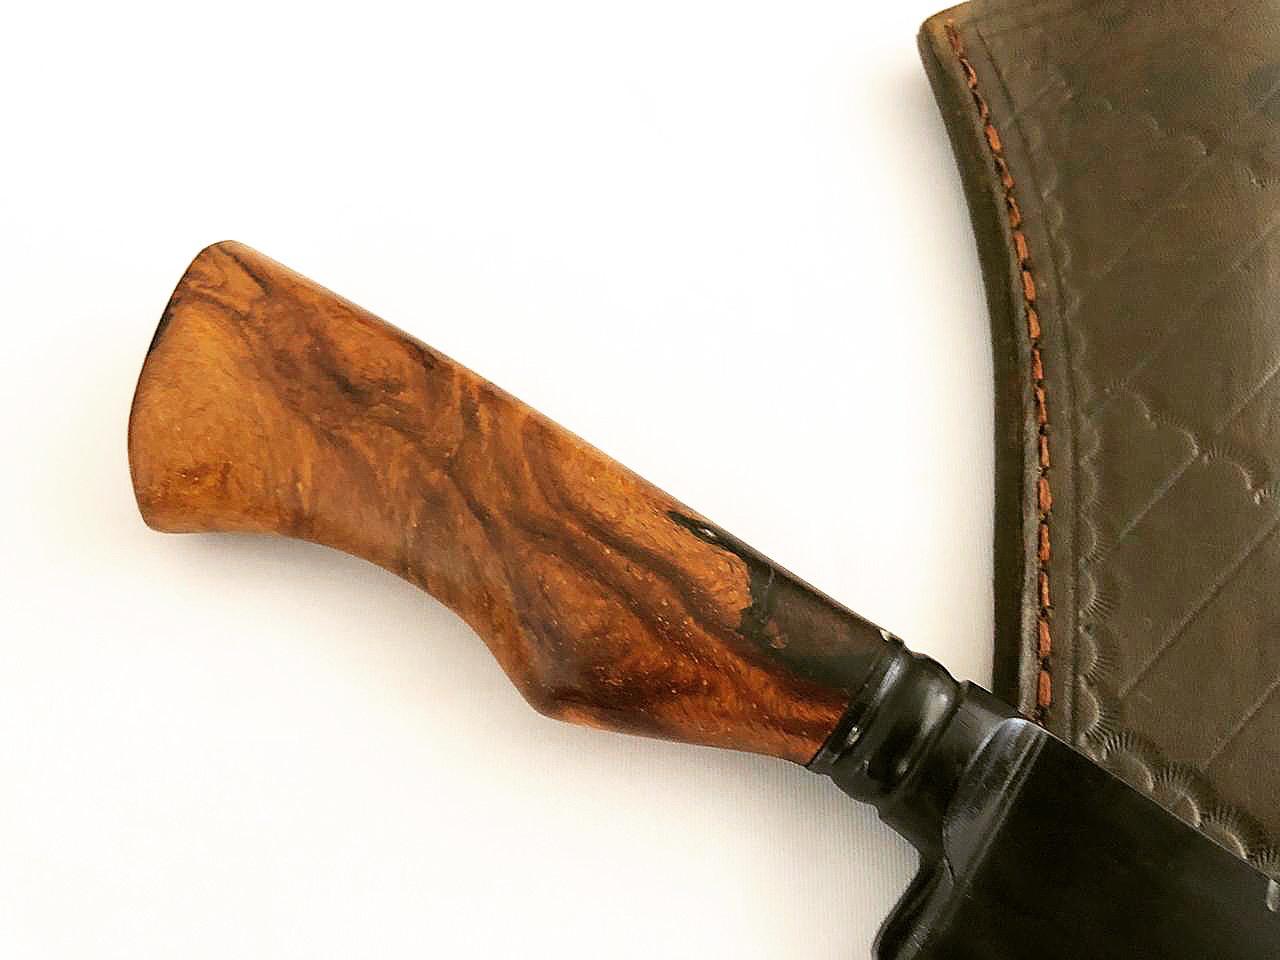 Faca artesanal forjada negra aço carbono  cabo imbuia  resinada 10 polegadas